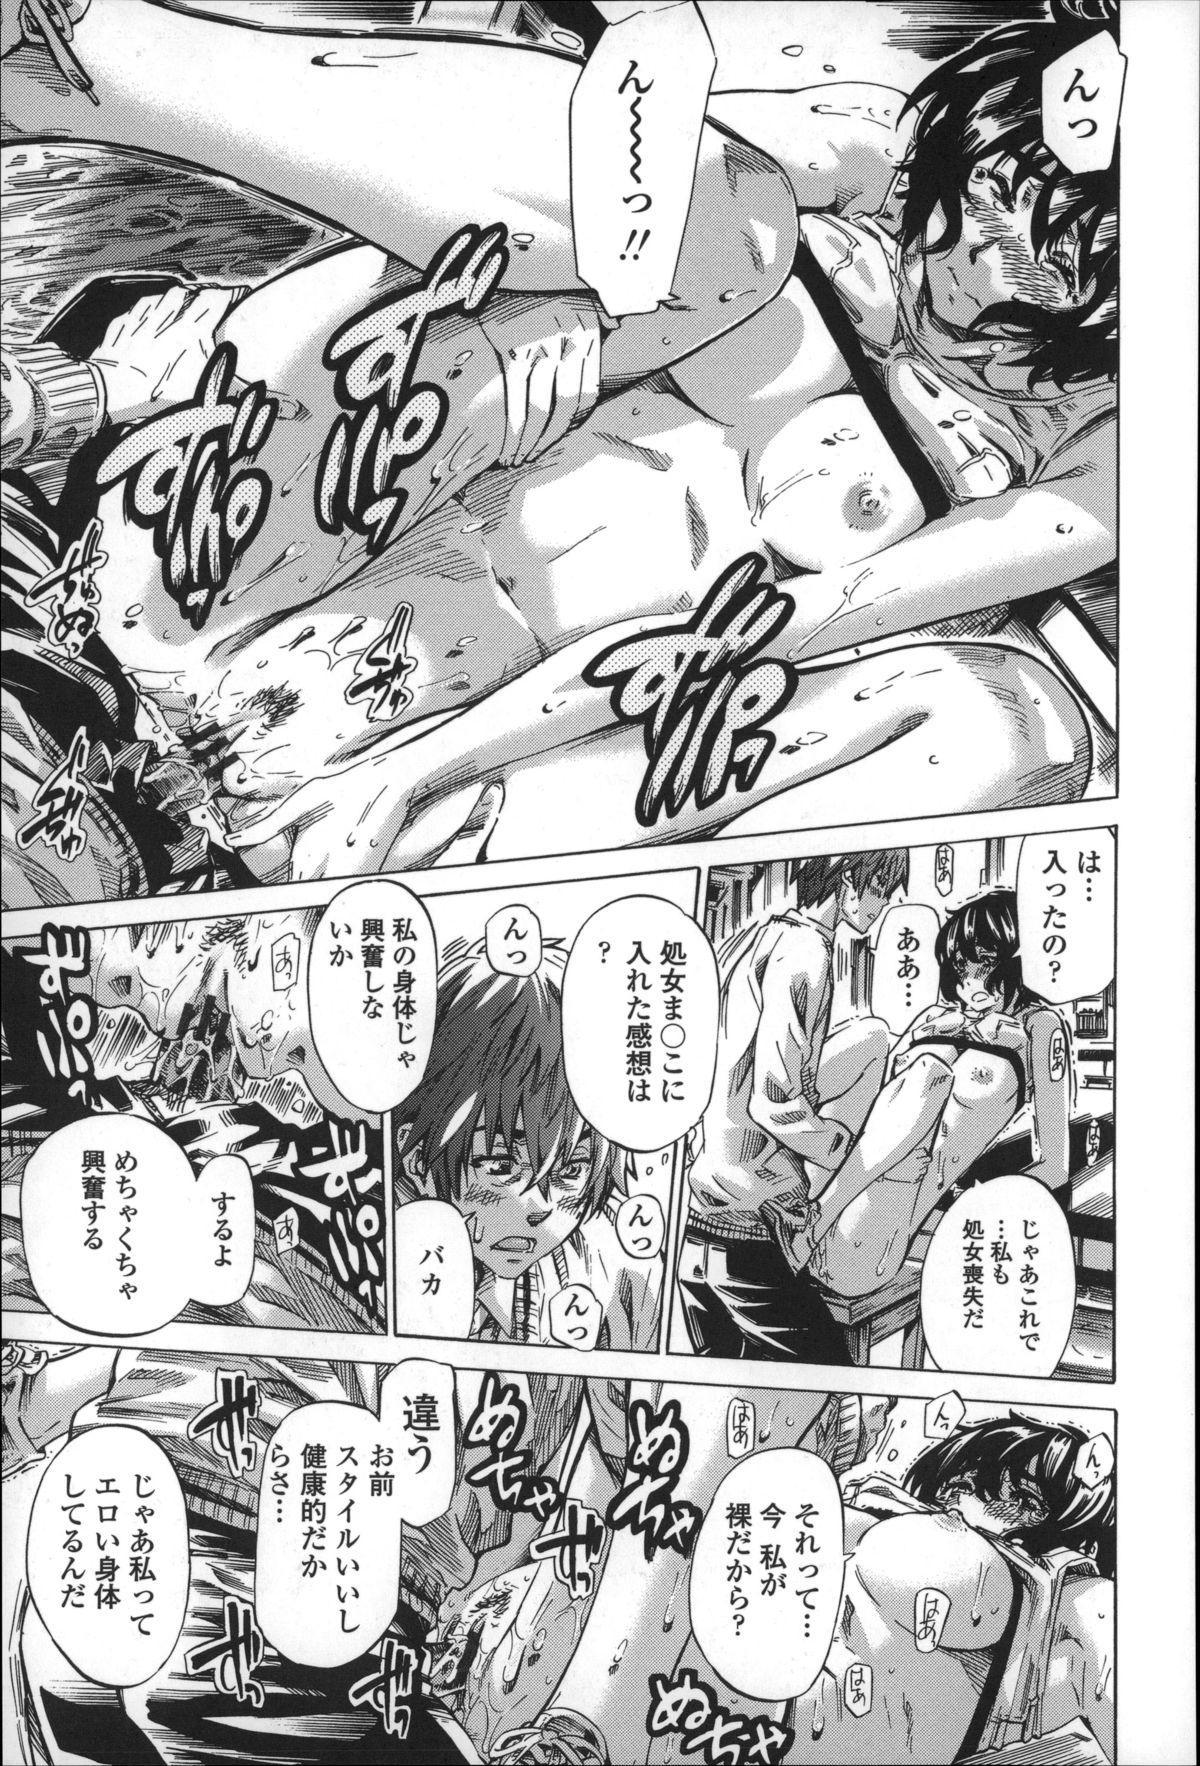 Choushin de Mukuchi no Kanojo ga Hatsujou Shite Kitara Eroiyo ne? 164